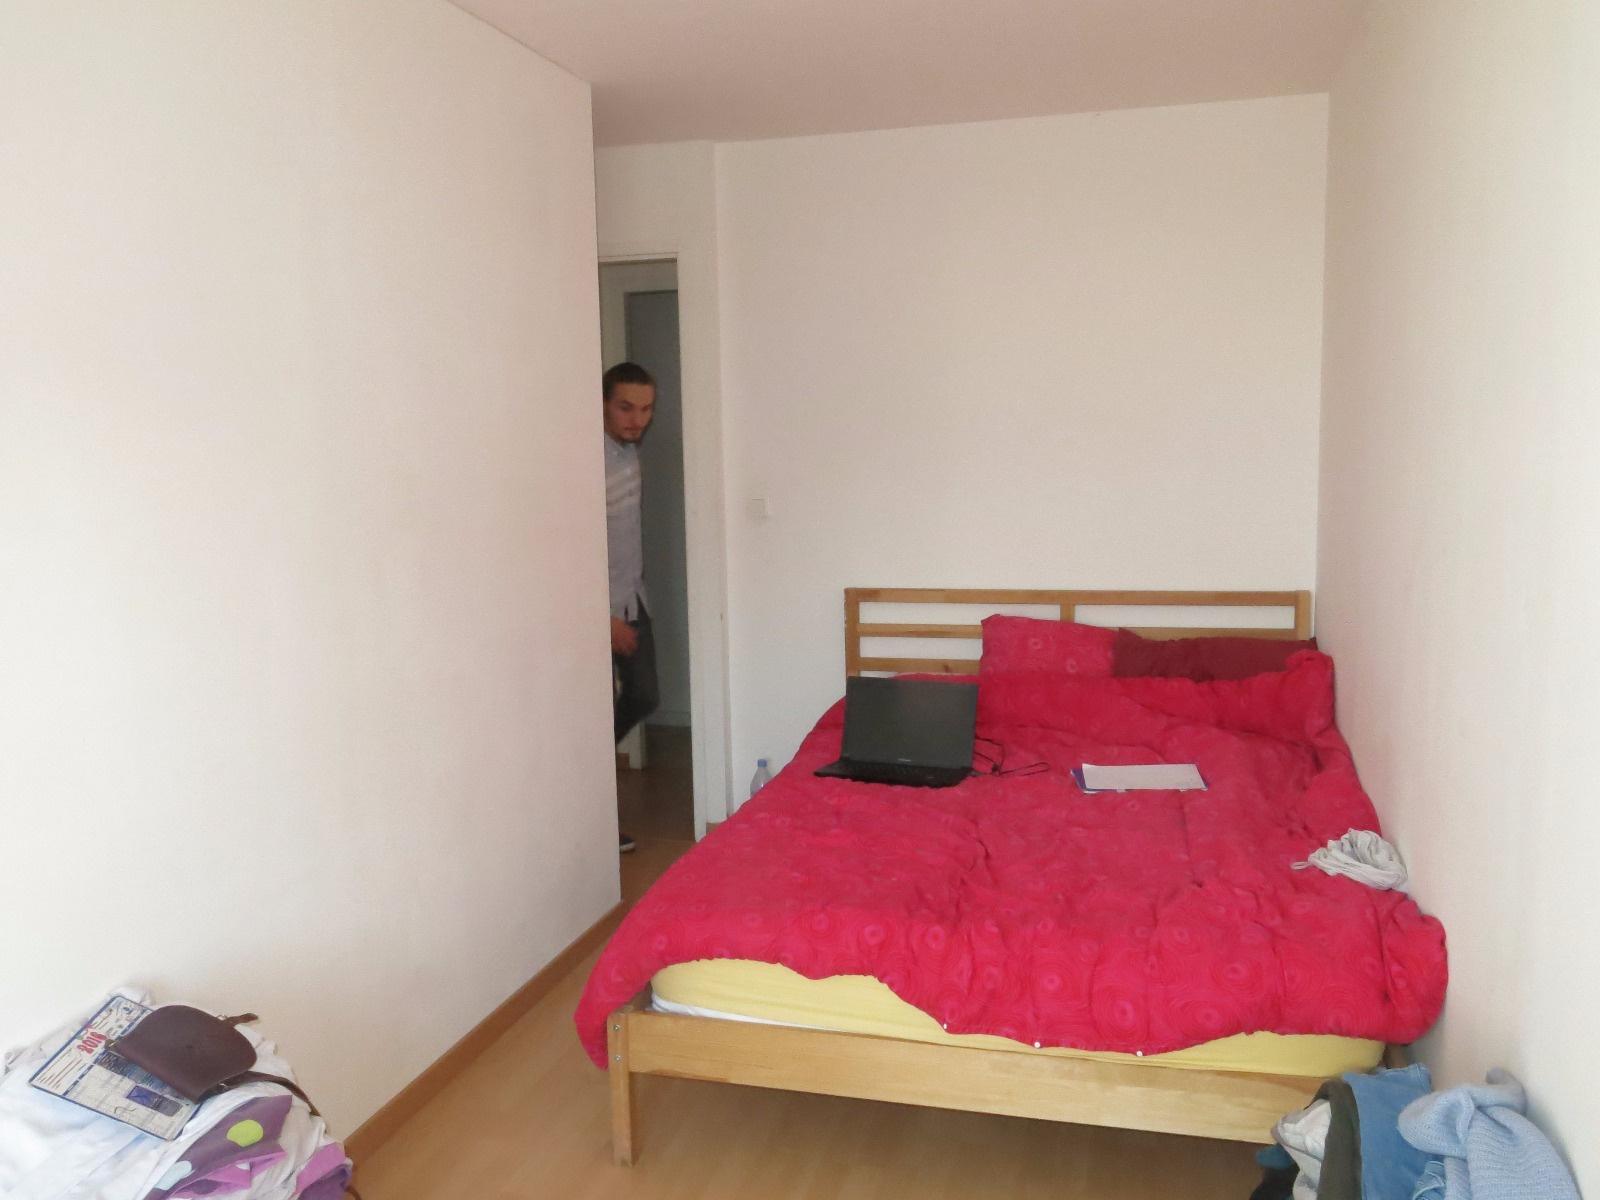 Vente Appartement T3 Meubl Vendu Lou Aucun Travaux